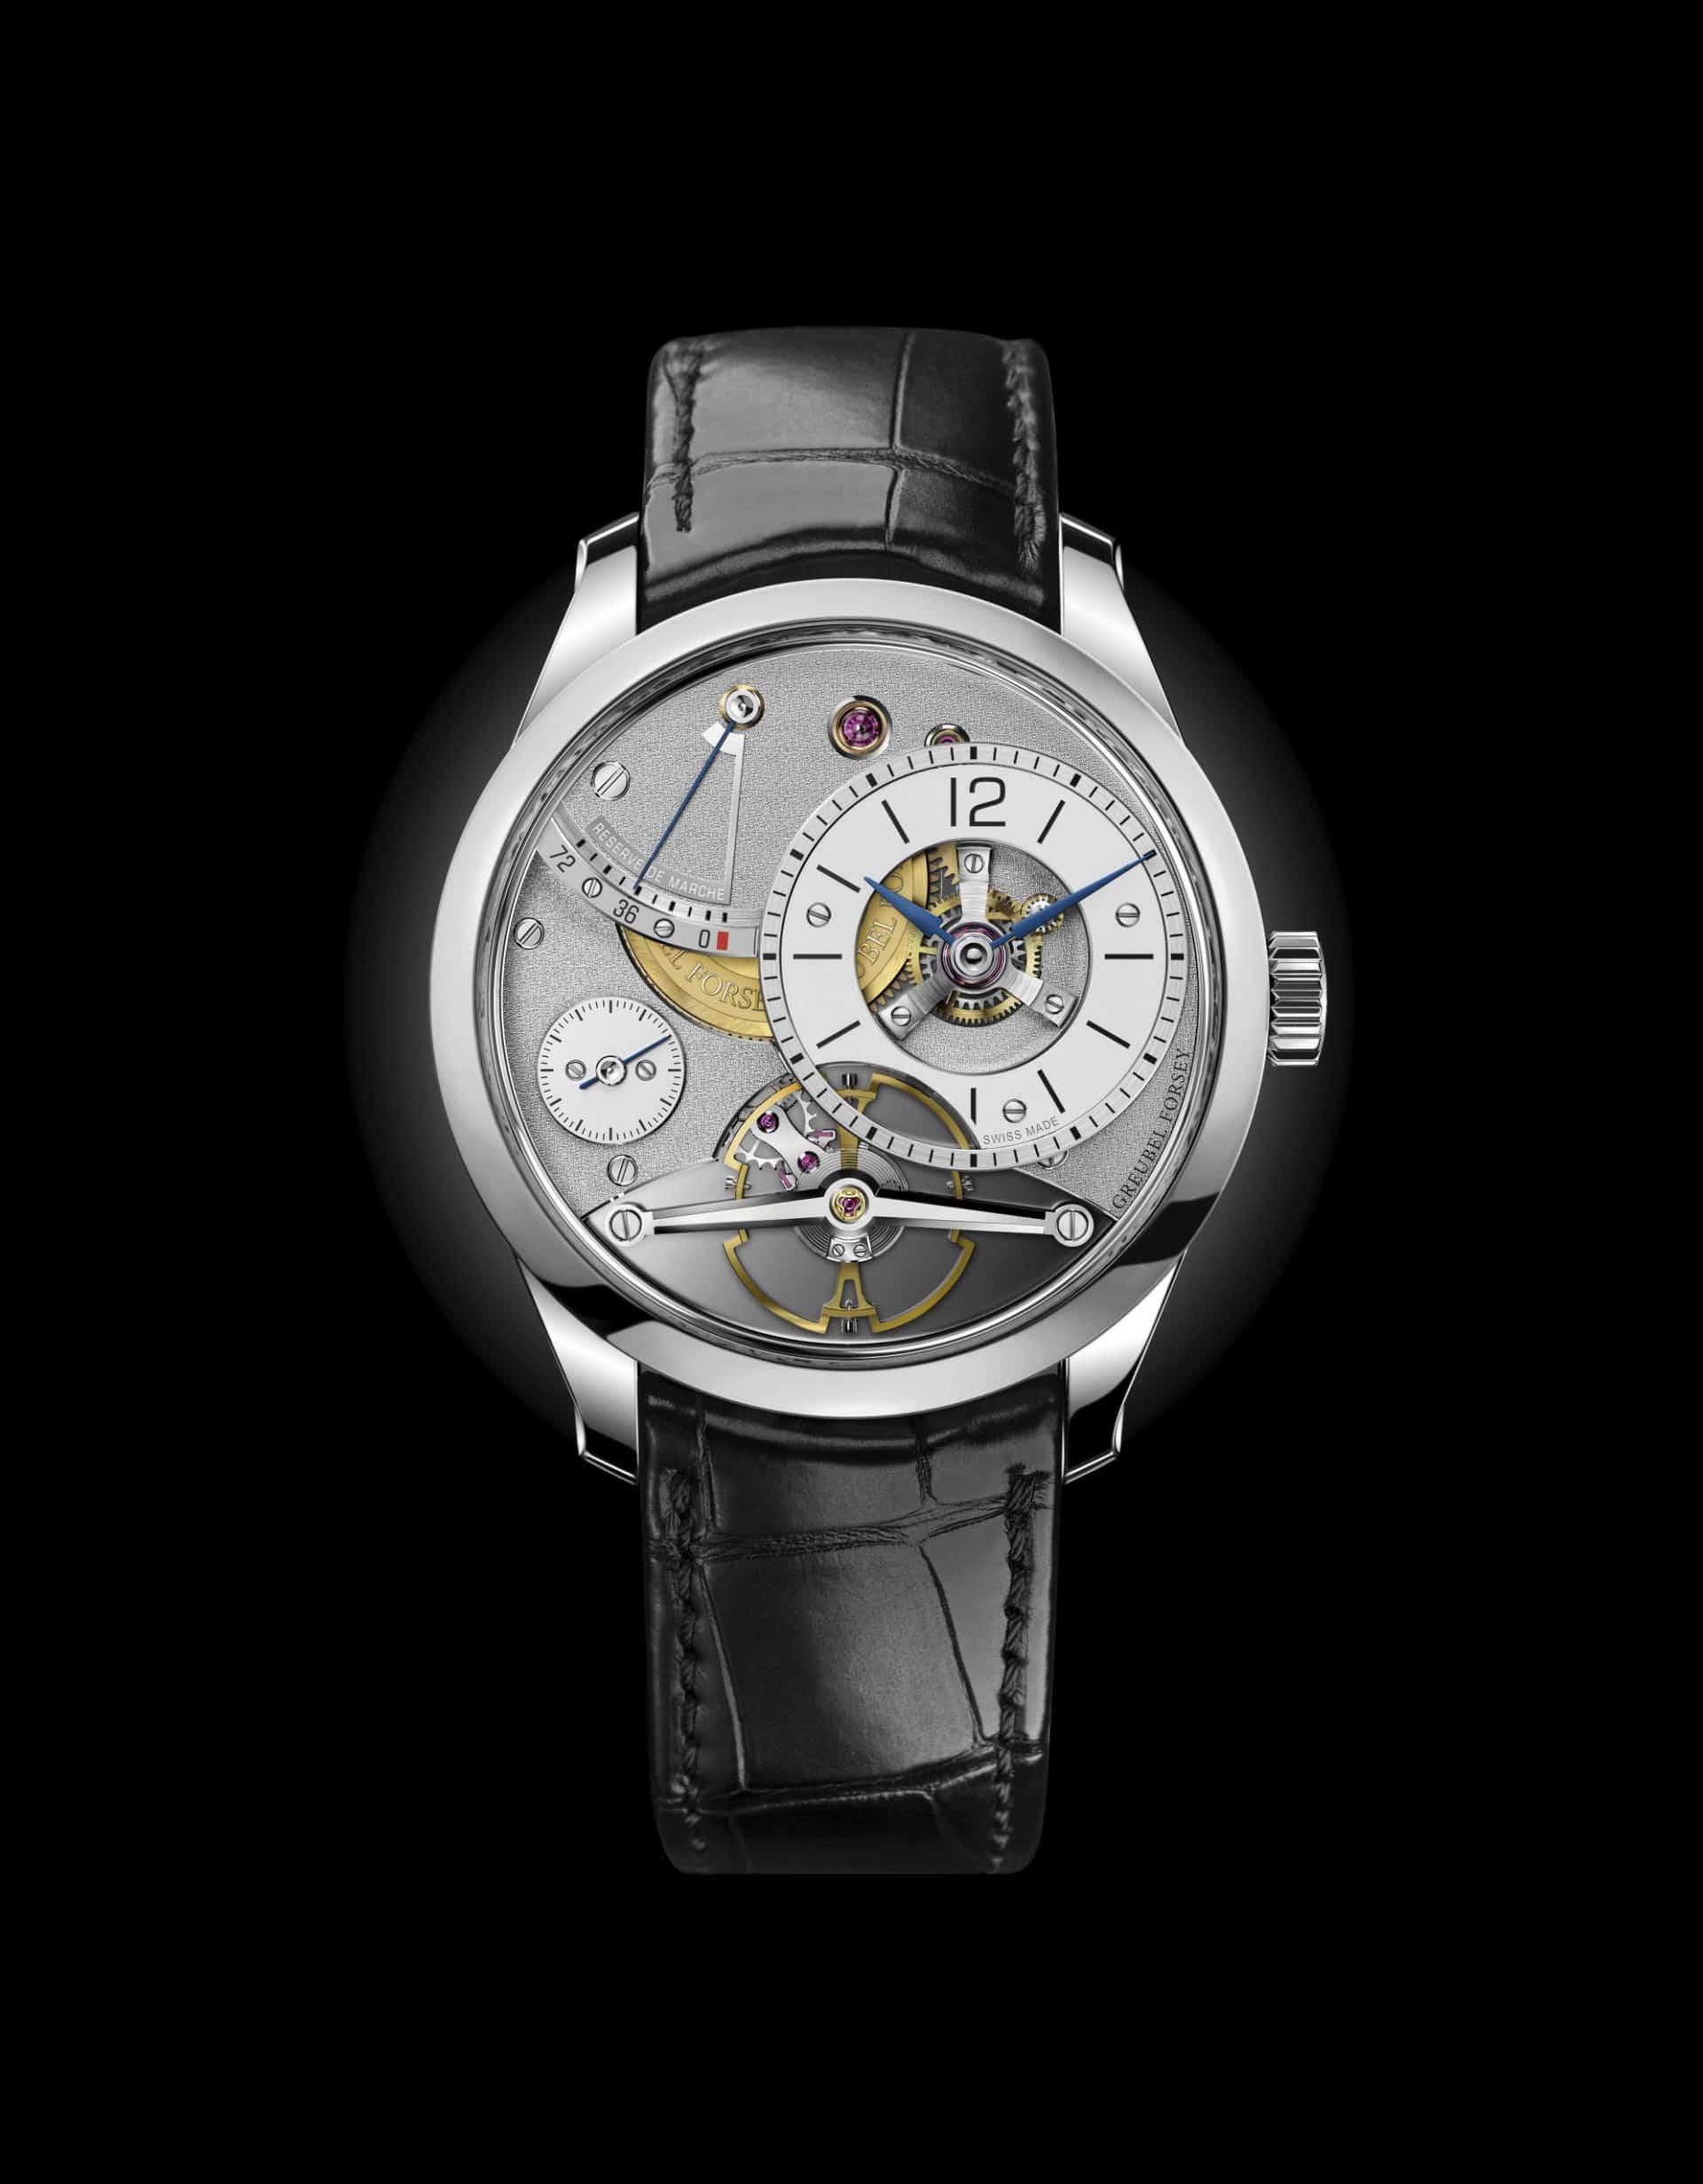 Greubel Forsey Balancier Contemporain ist ein schlichte Uhr, aber von bestechender Technik